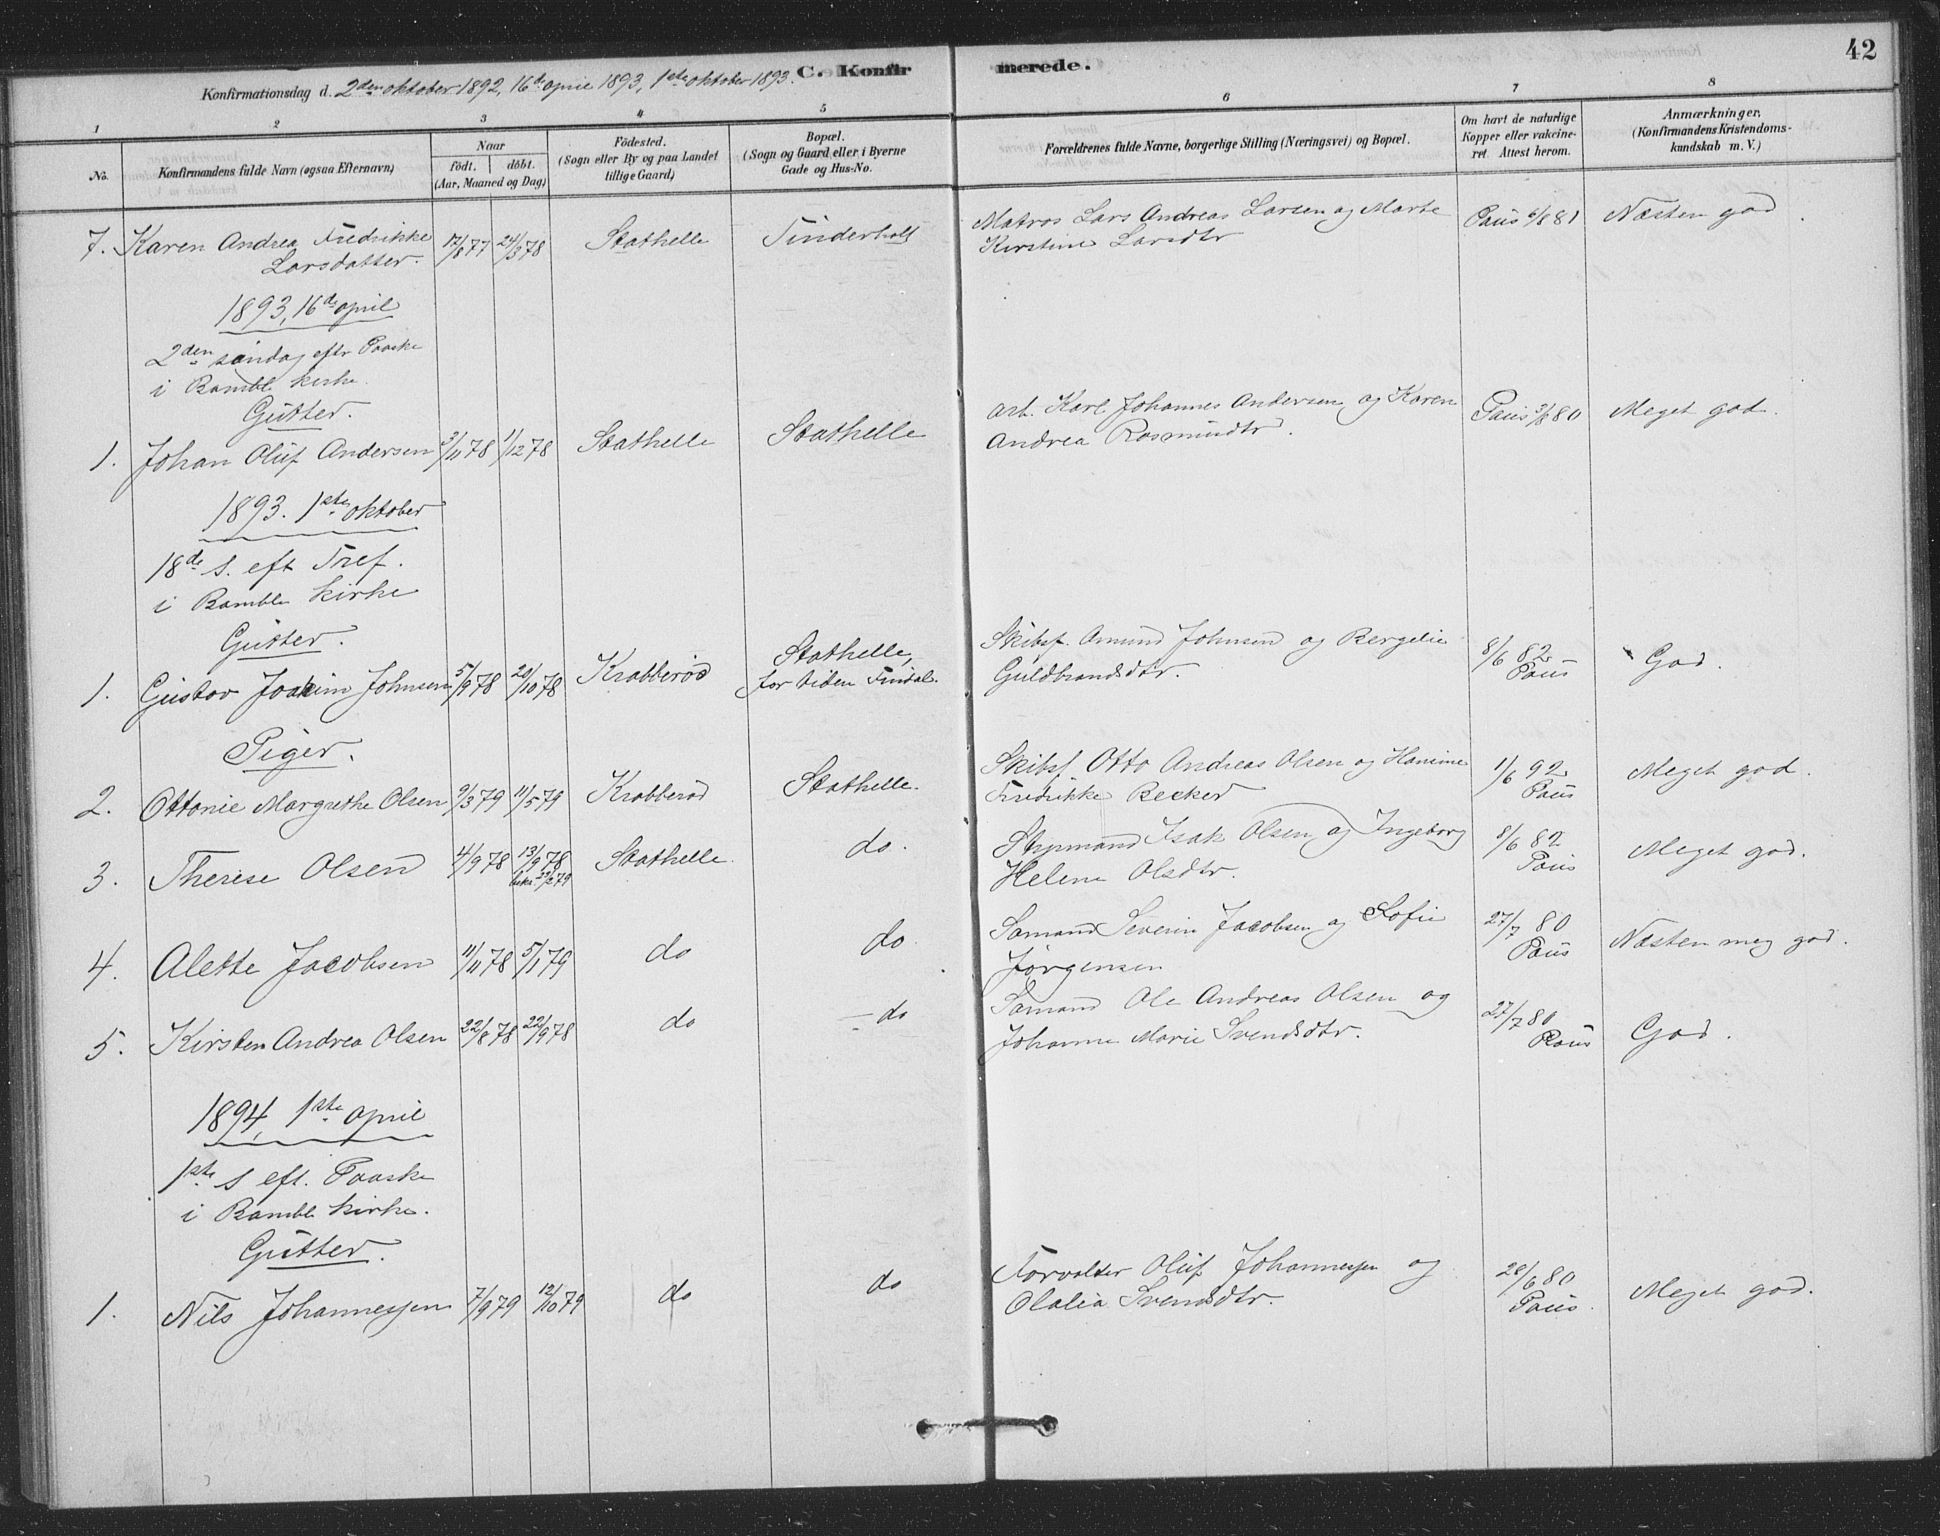 SAKO, Bamble kirkebøker, F/Fb/L0001: Ministerialbok nr. II 1, 1878-1899, s. 42